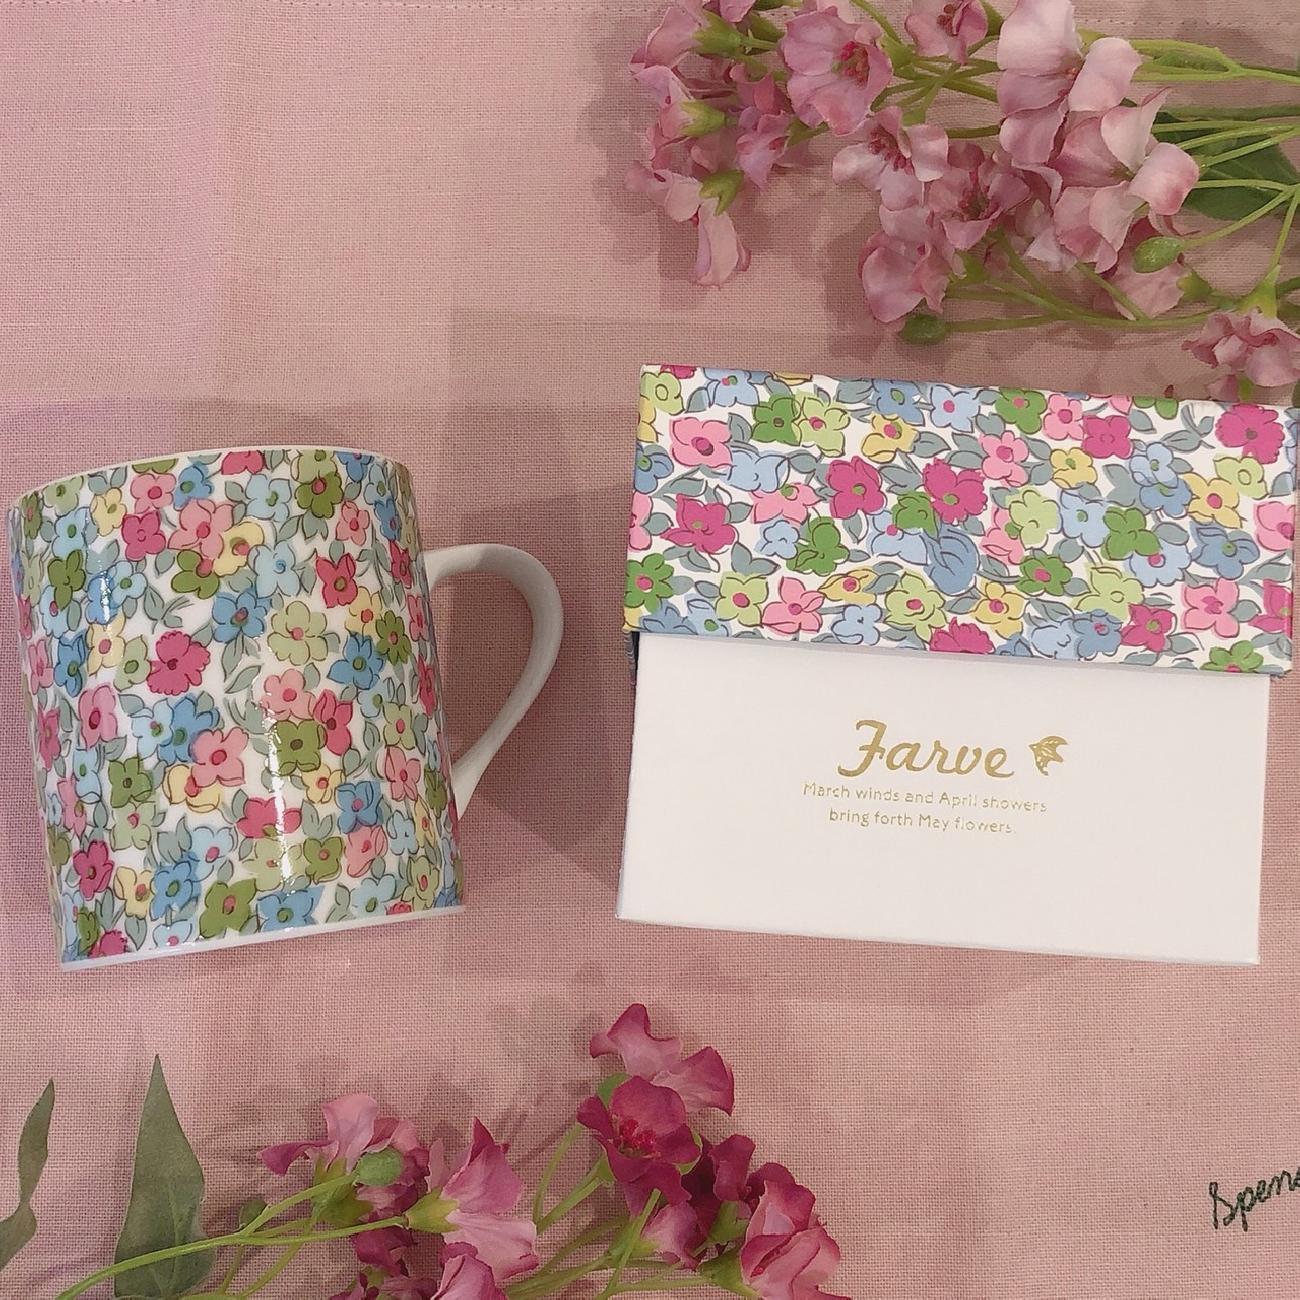 マグカップ/母の日/ギフト/プレゼント/かわいい/お花/花/飲み物/コップ/贈り物/雑貨/おうちカフェ